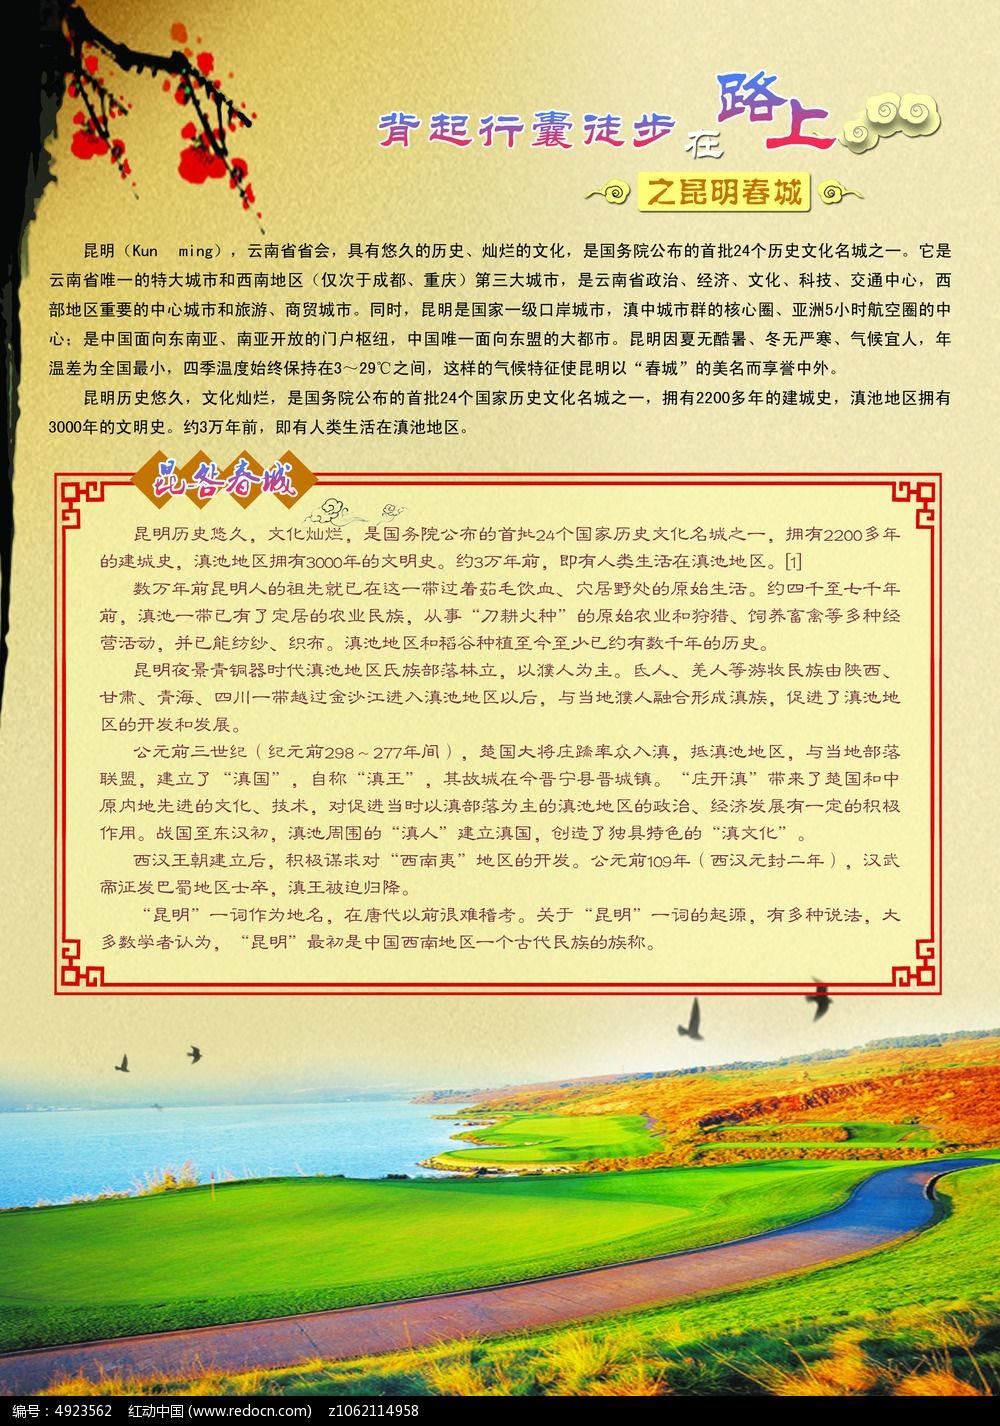 旅游宣传模板psd素材下载